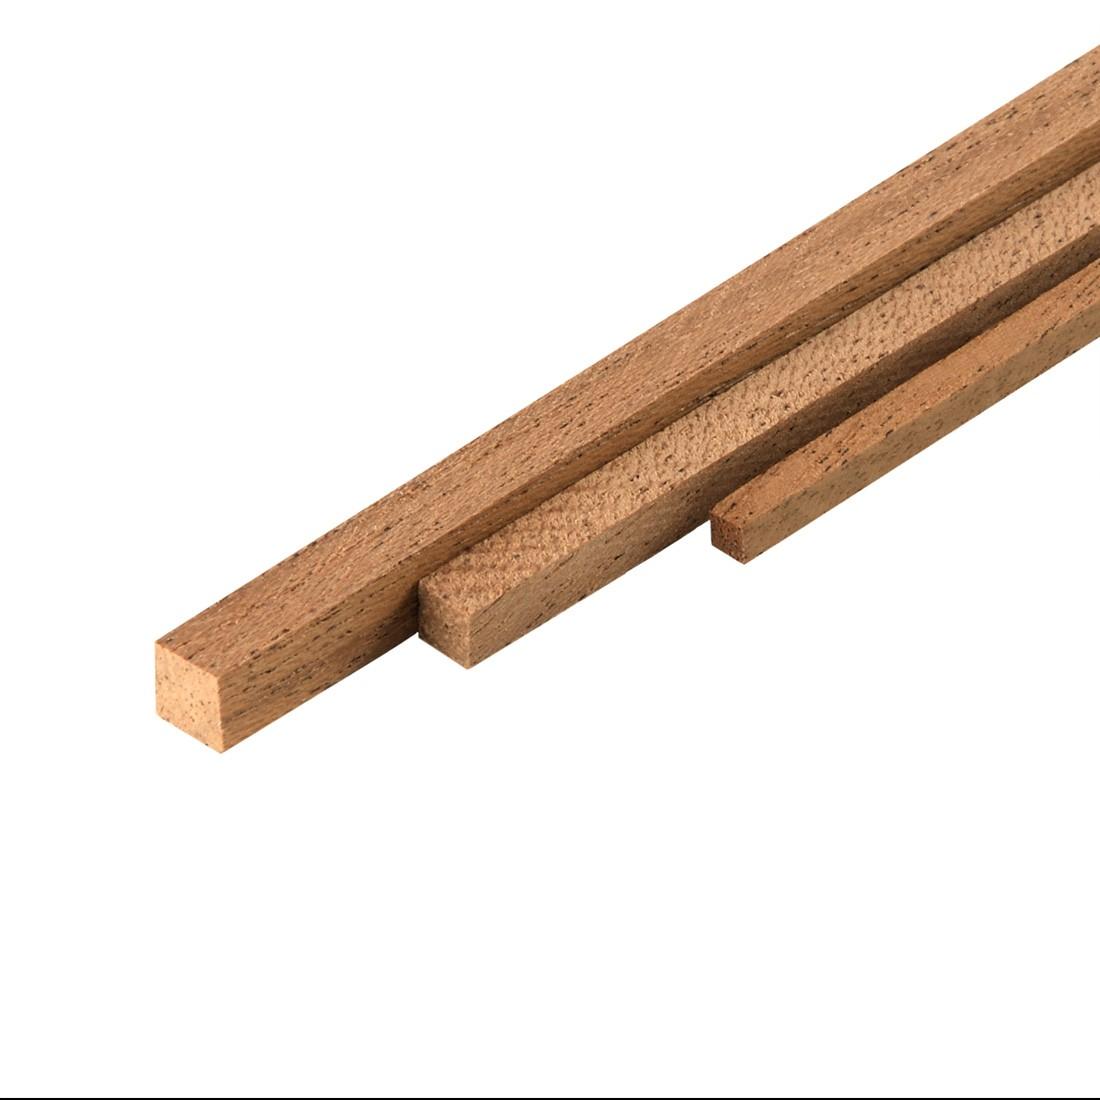 Dibetou strip mm.4x4